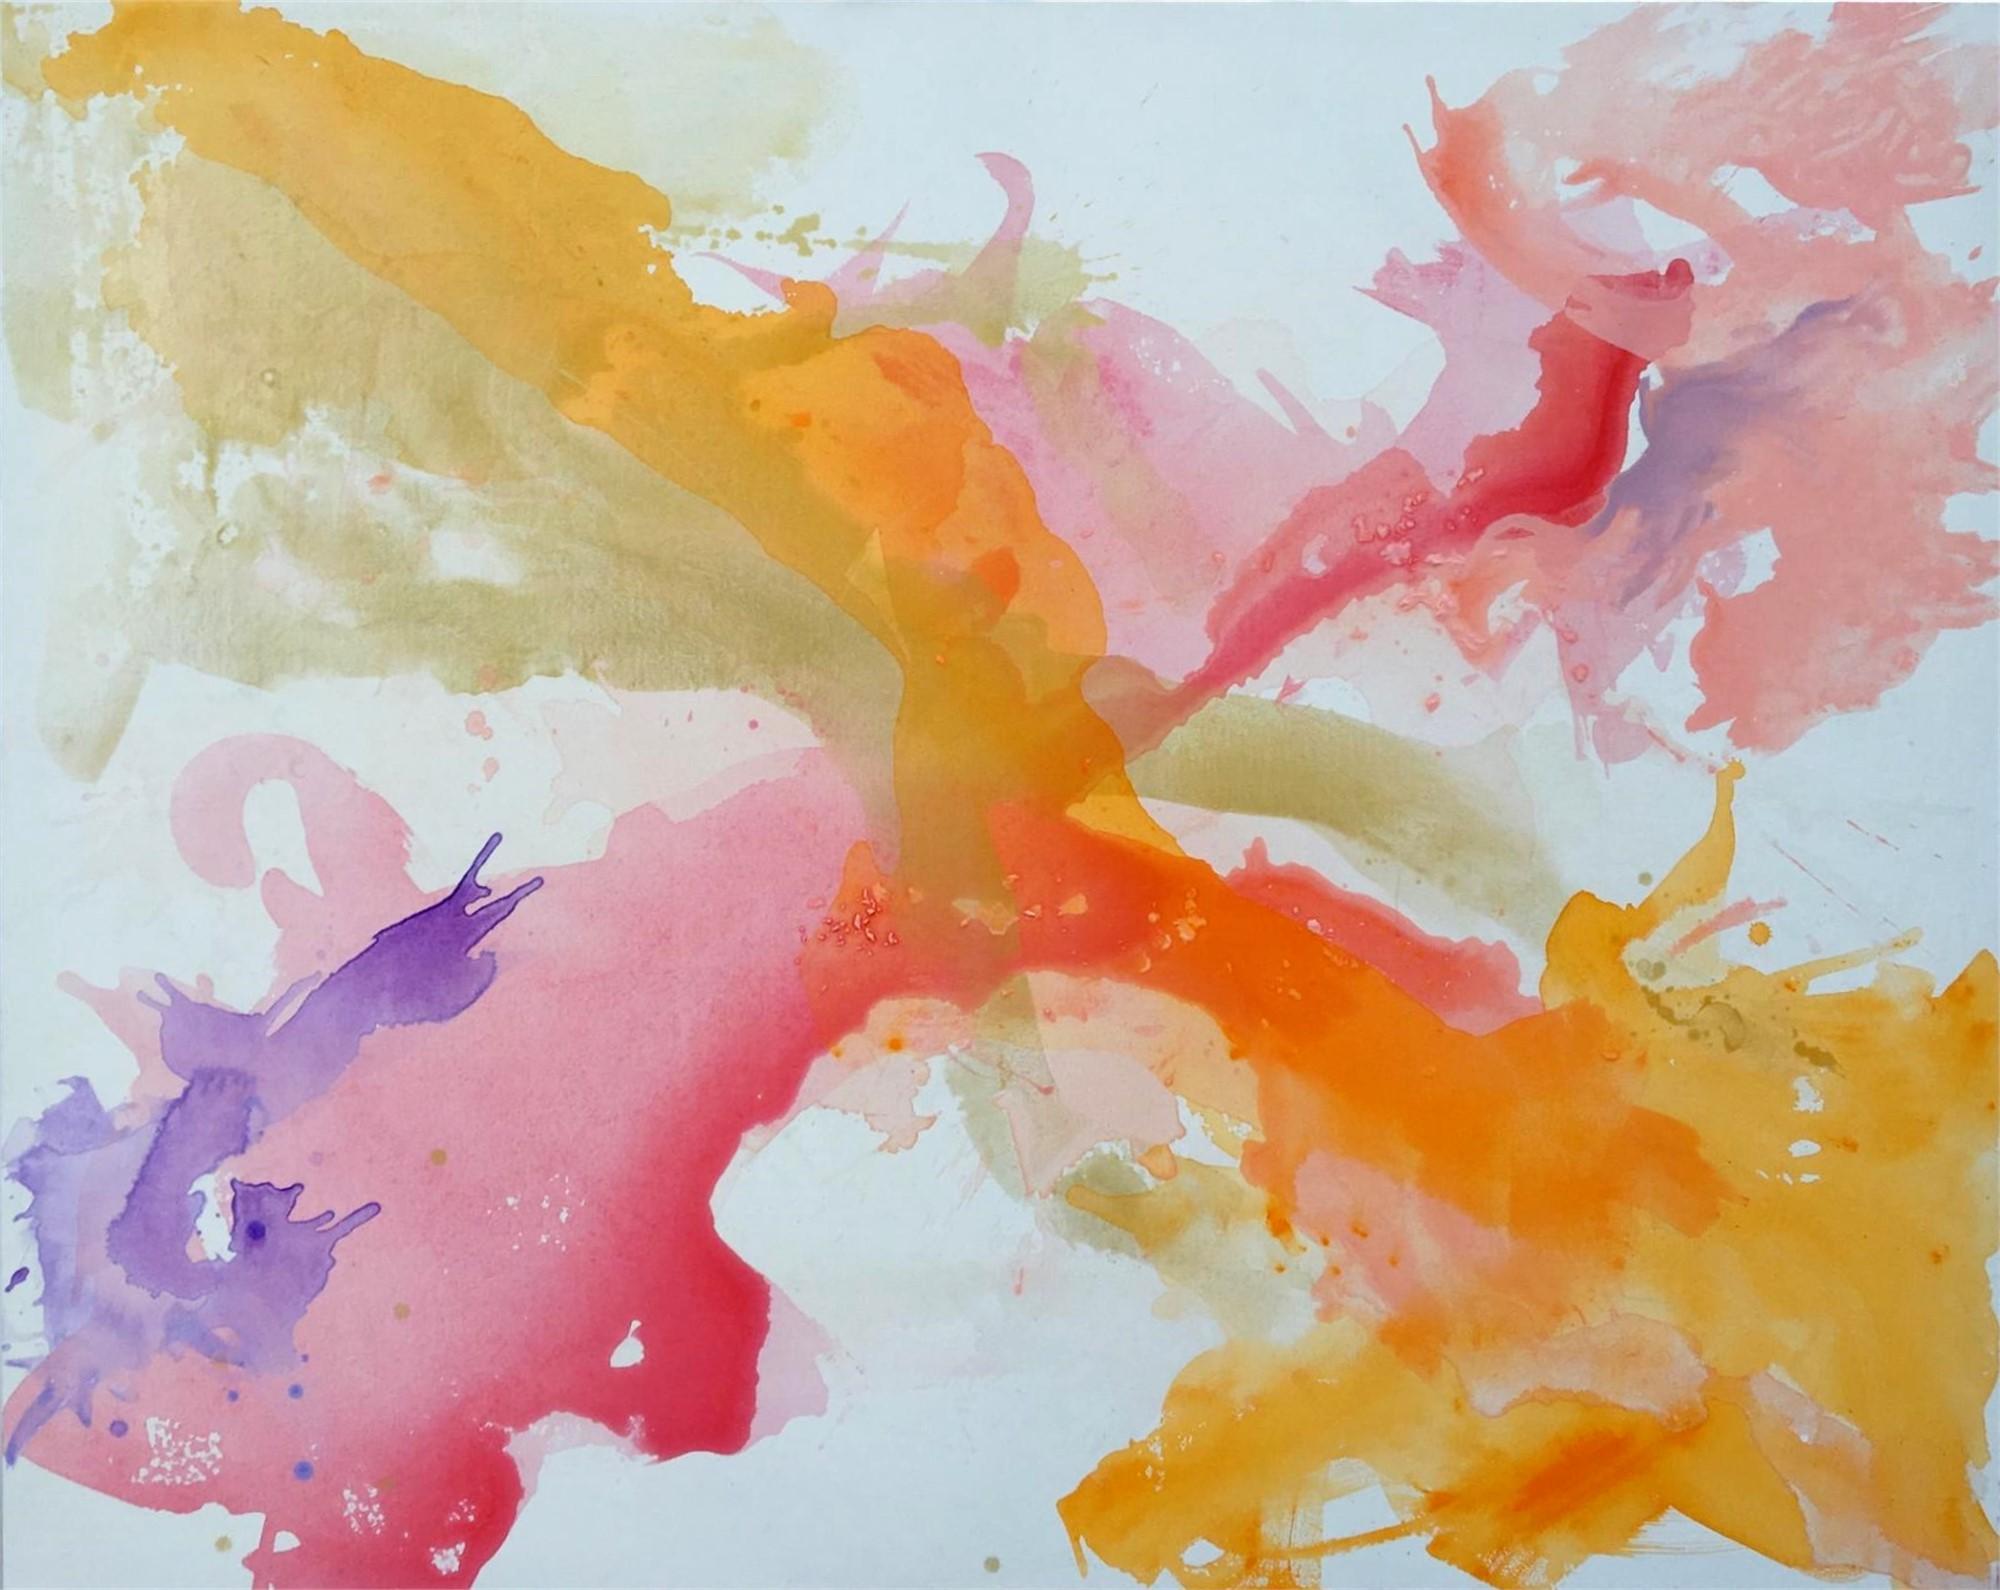 I Choose Joy by Leslie Poteet Busker